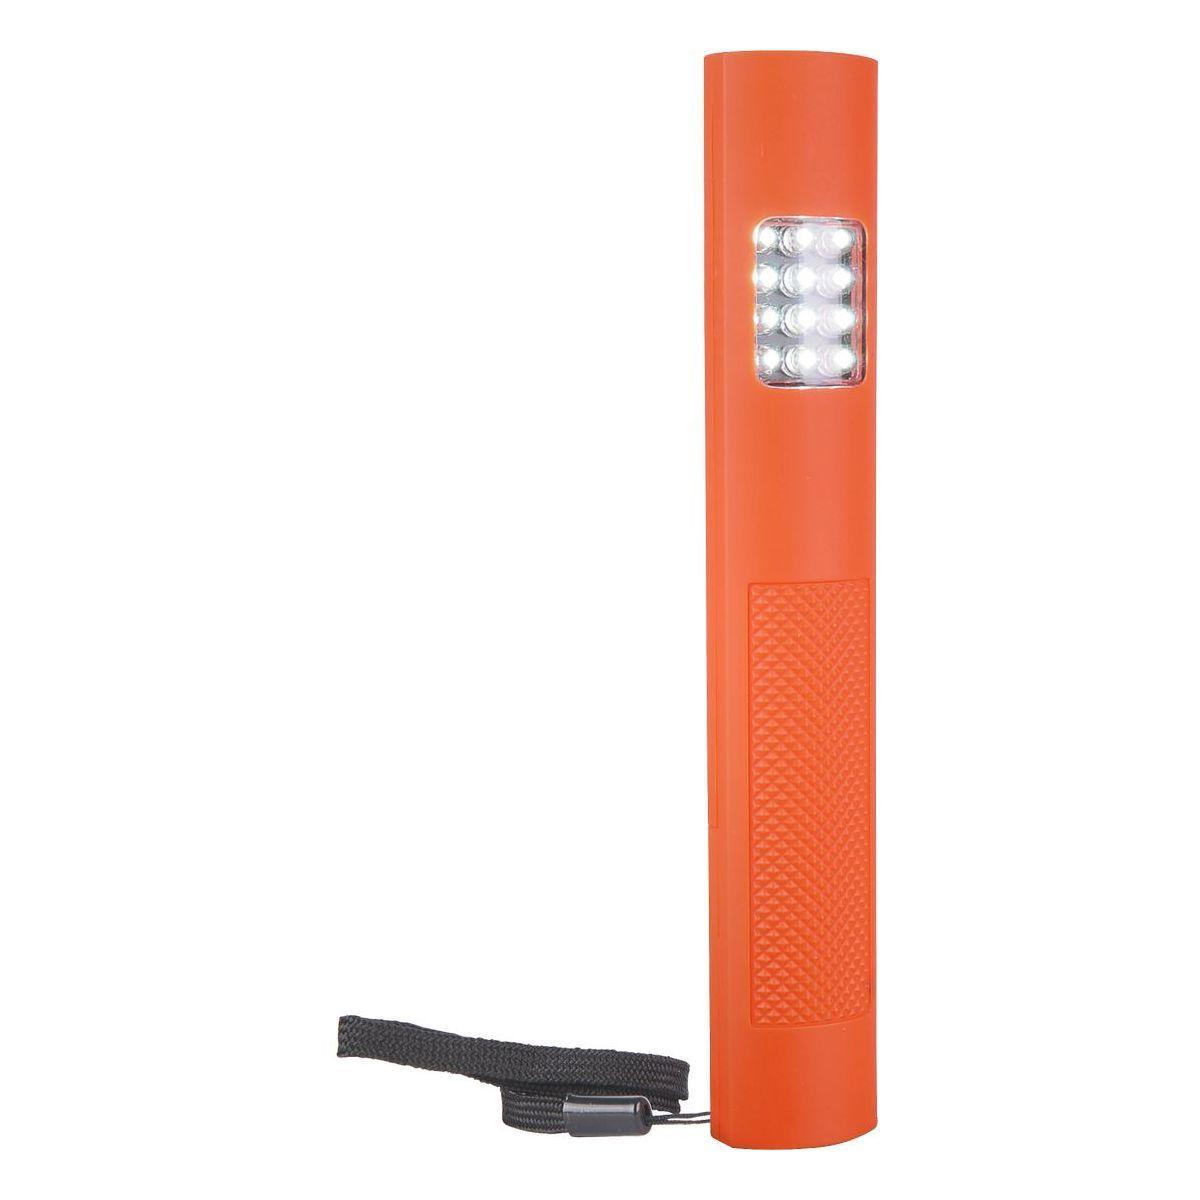 Автомобильный светодиодный фонарь Sloter FLD01-1,5W оранжевый